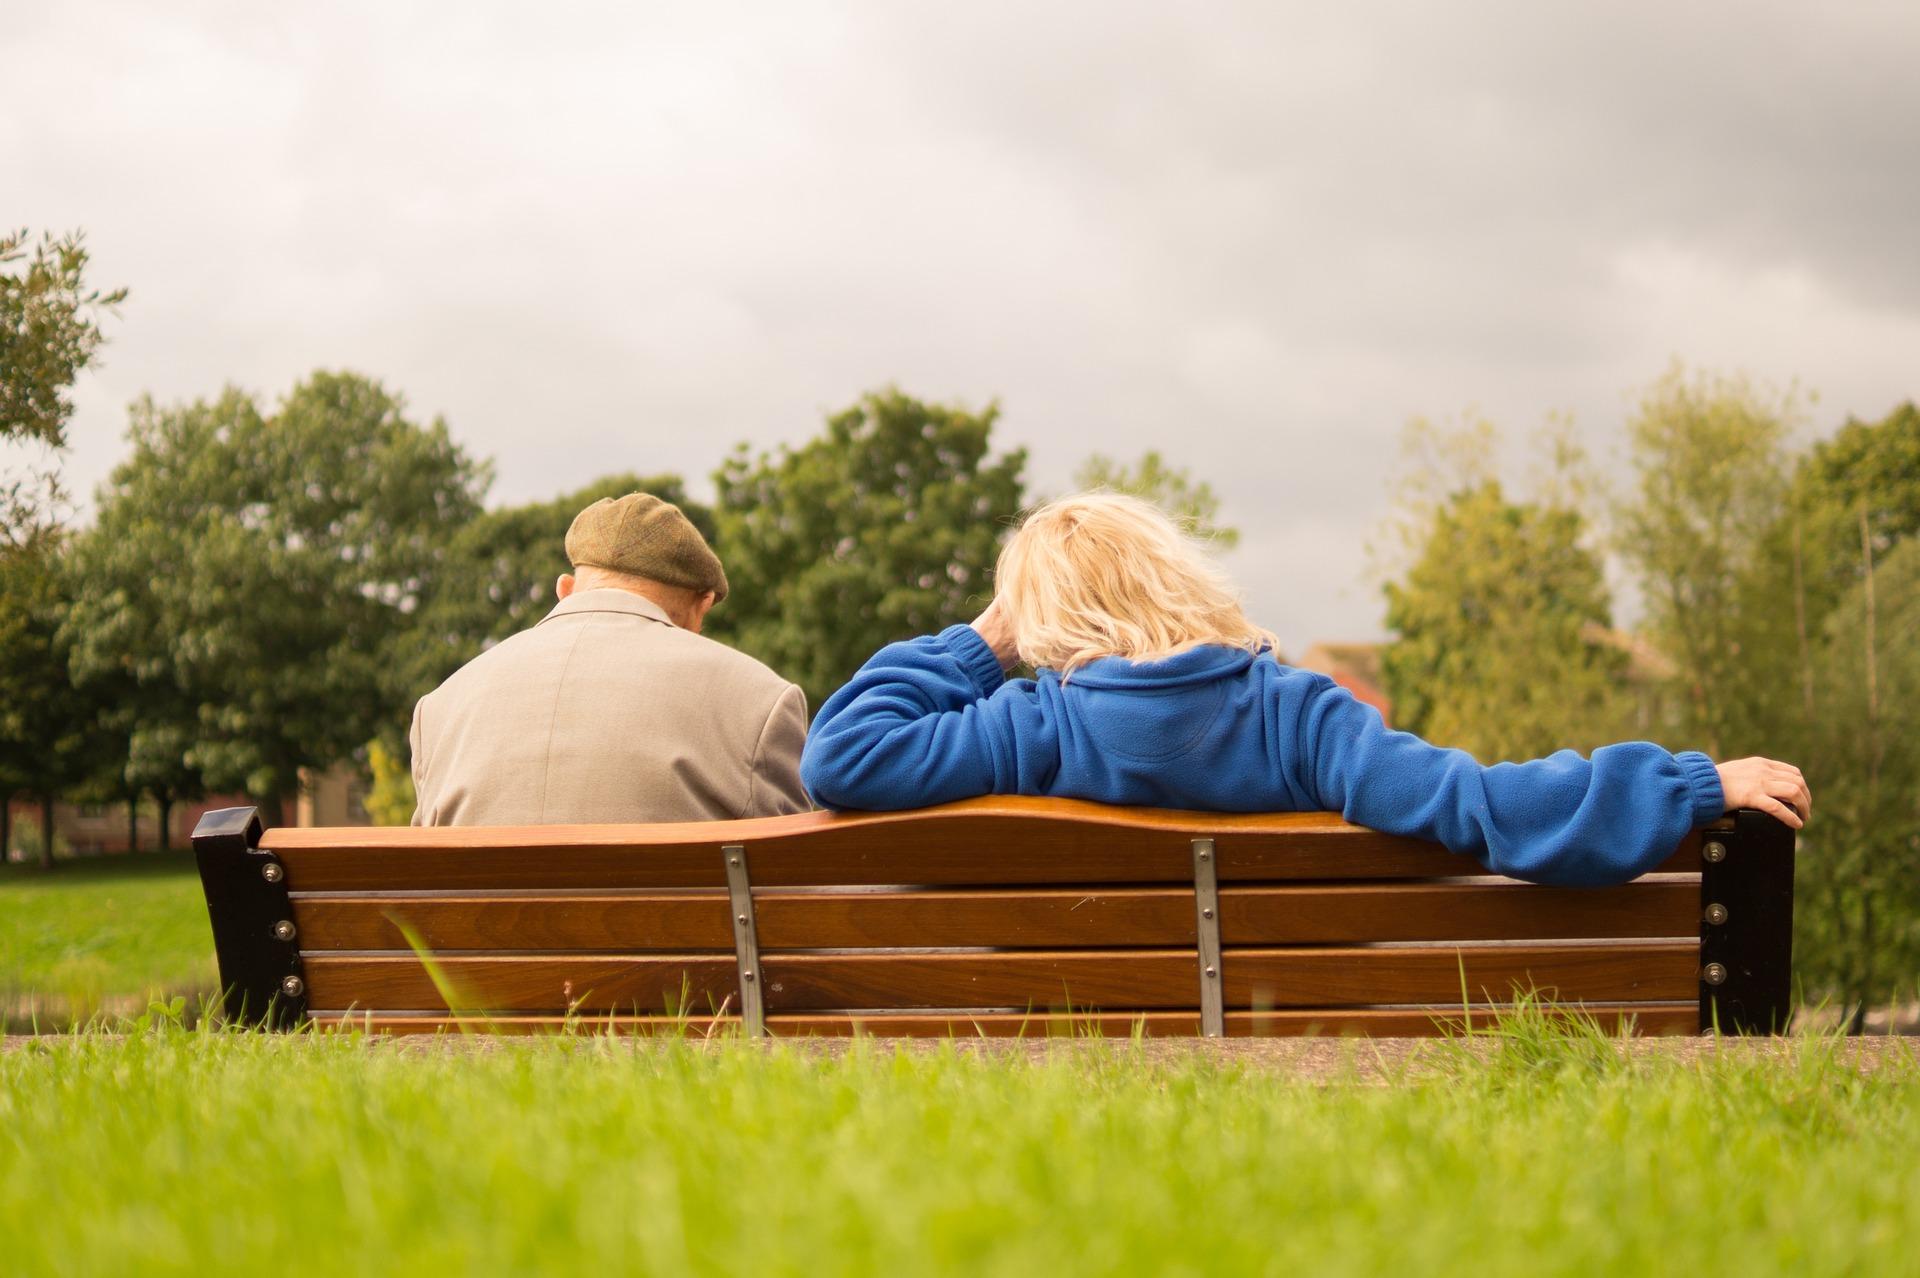 Známe příjemný způsob seniorského bydlení